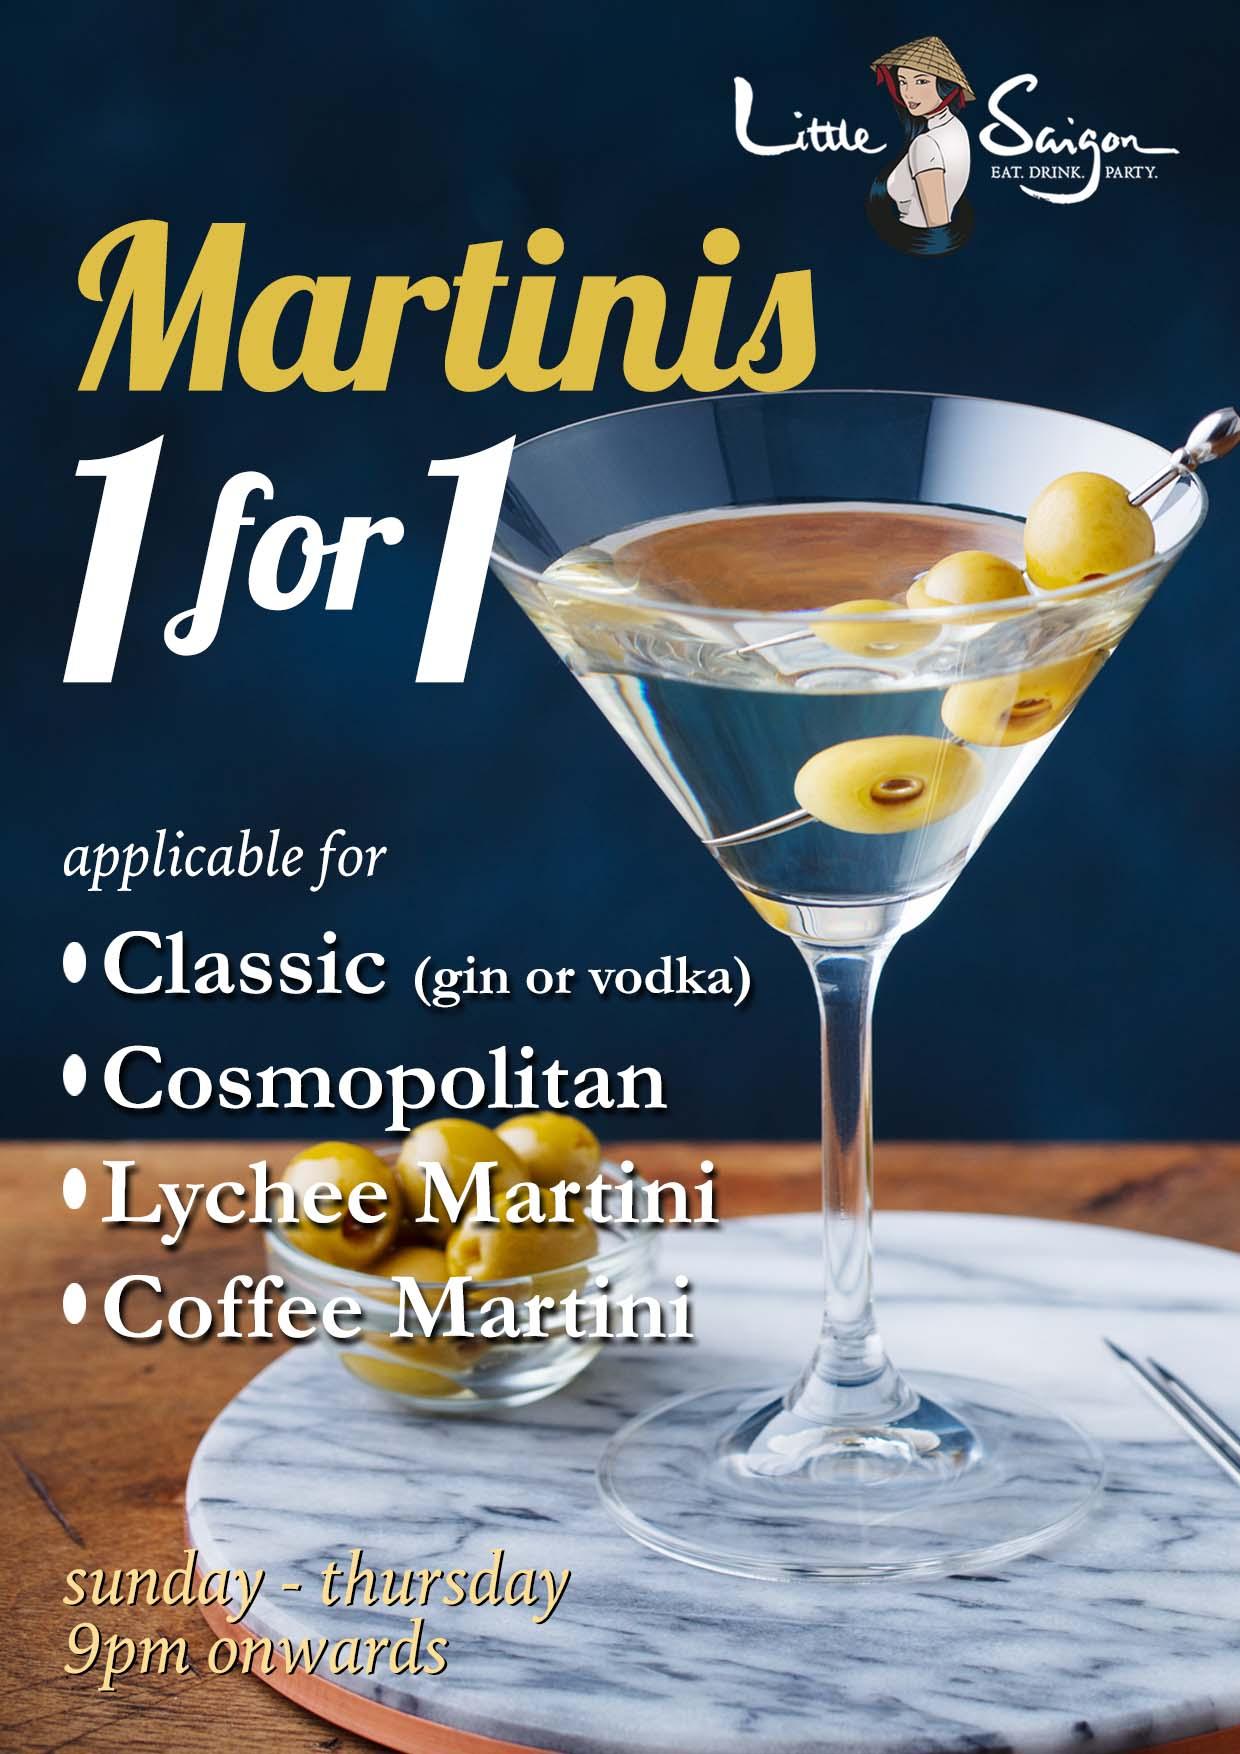 Martini 1 for 1